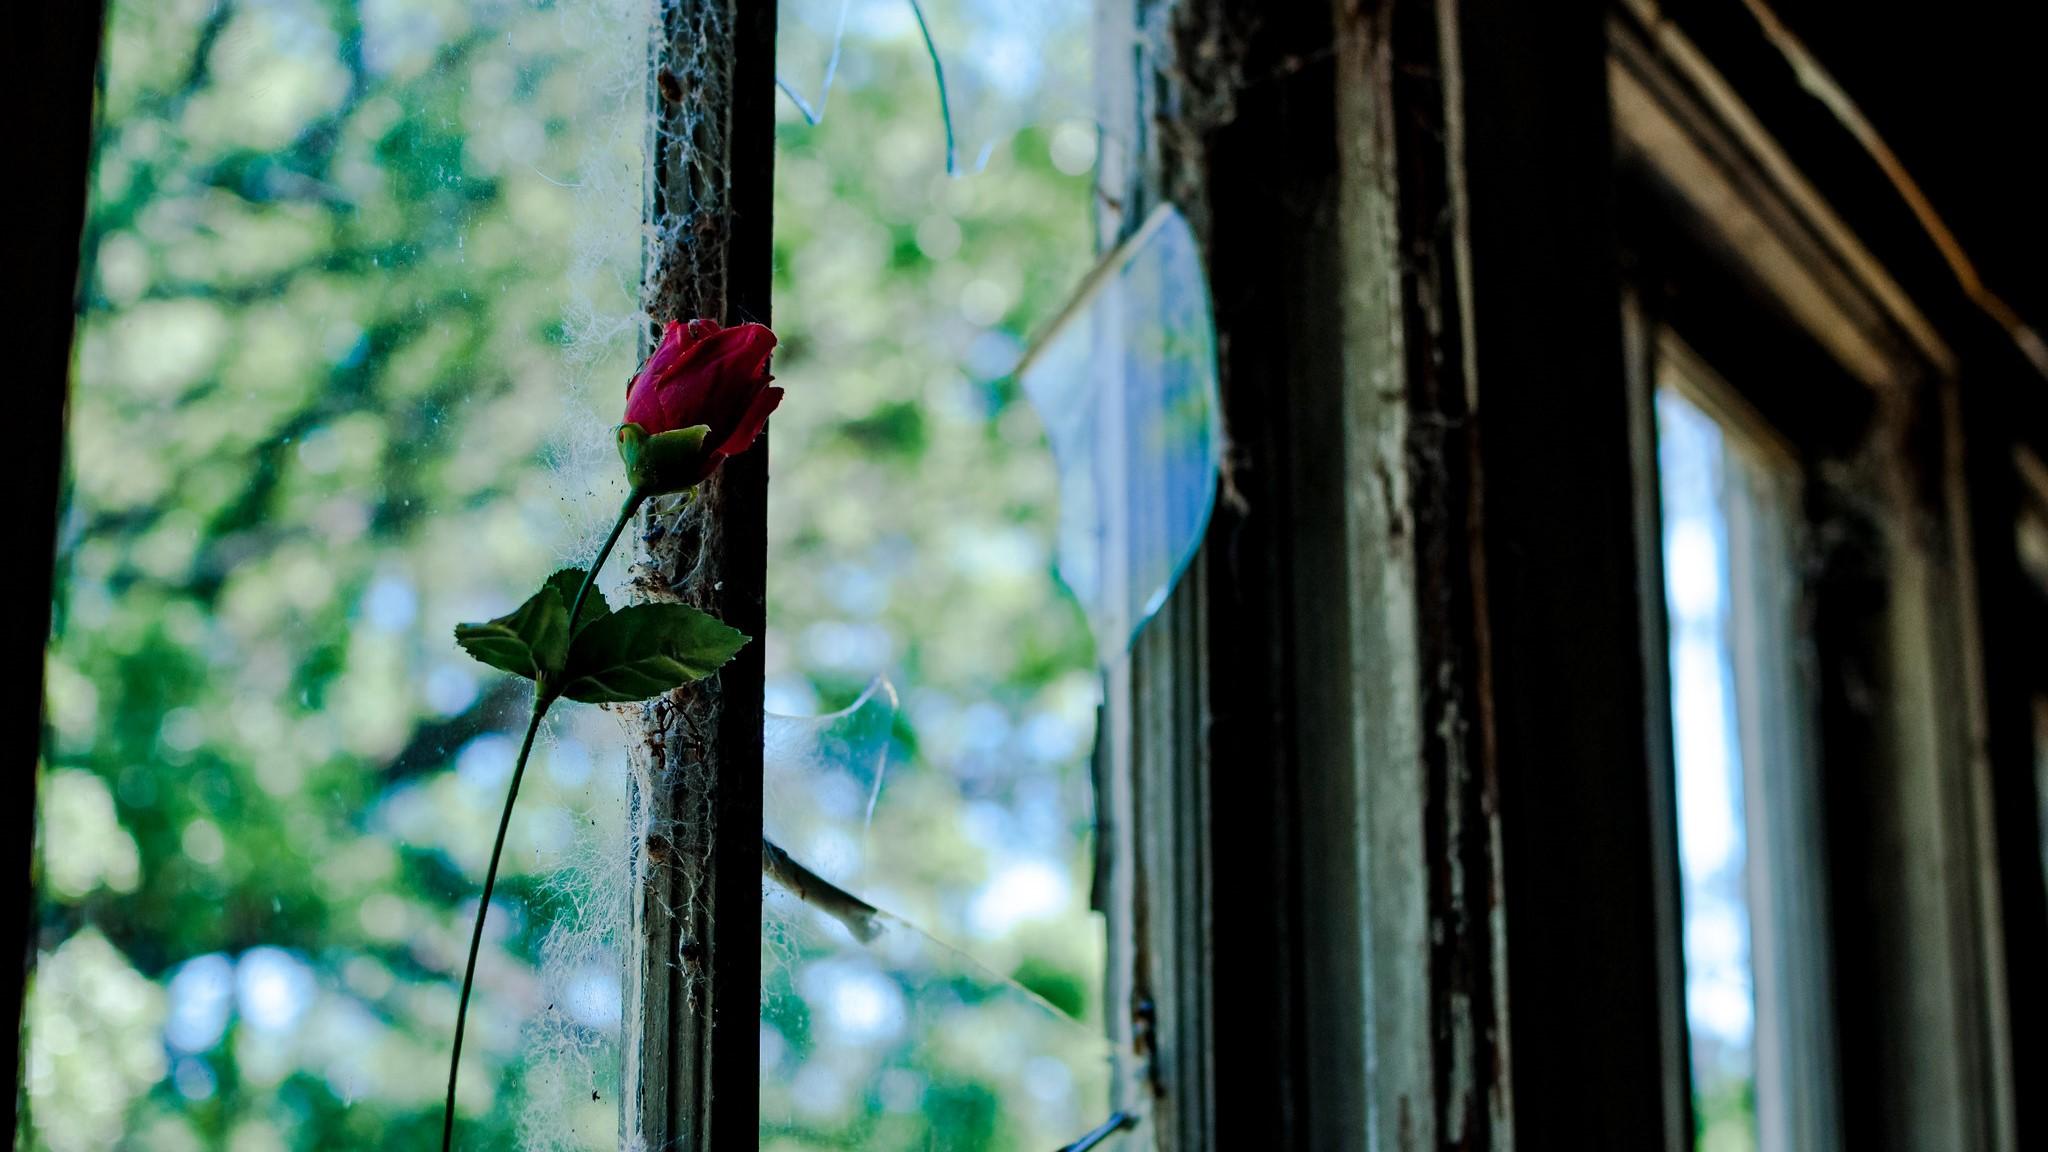 een roos voor een gebroken venster